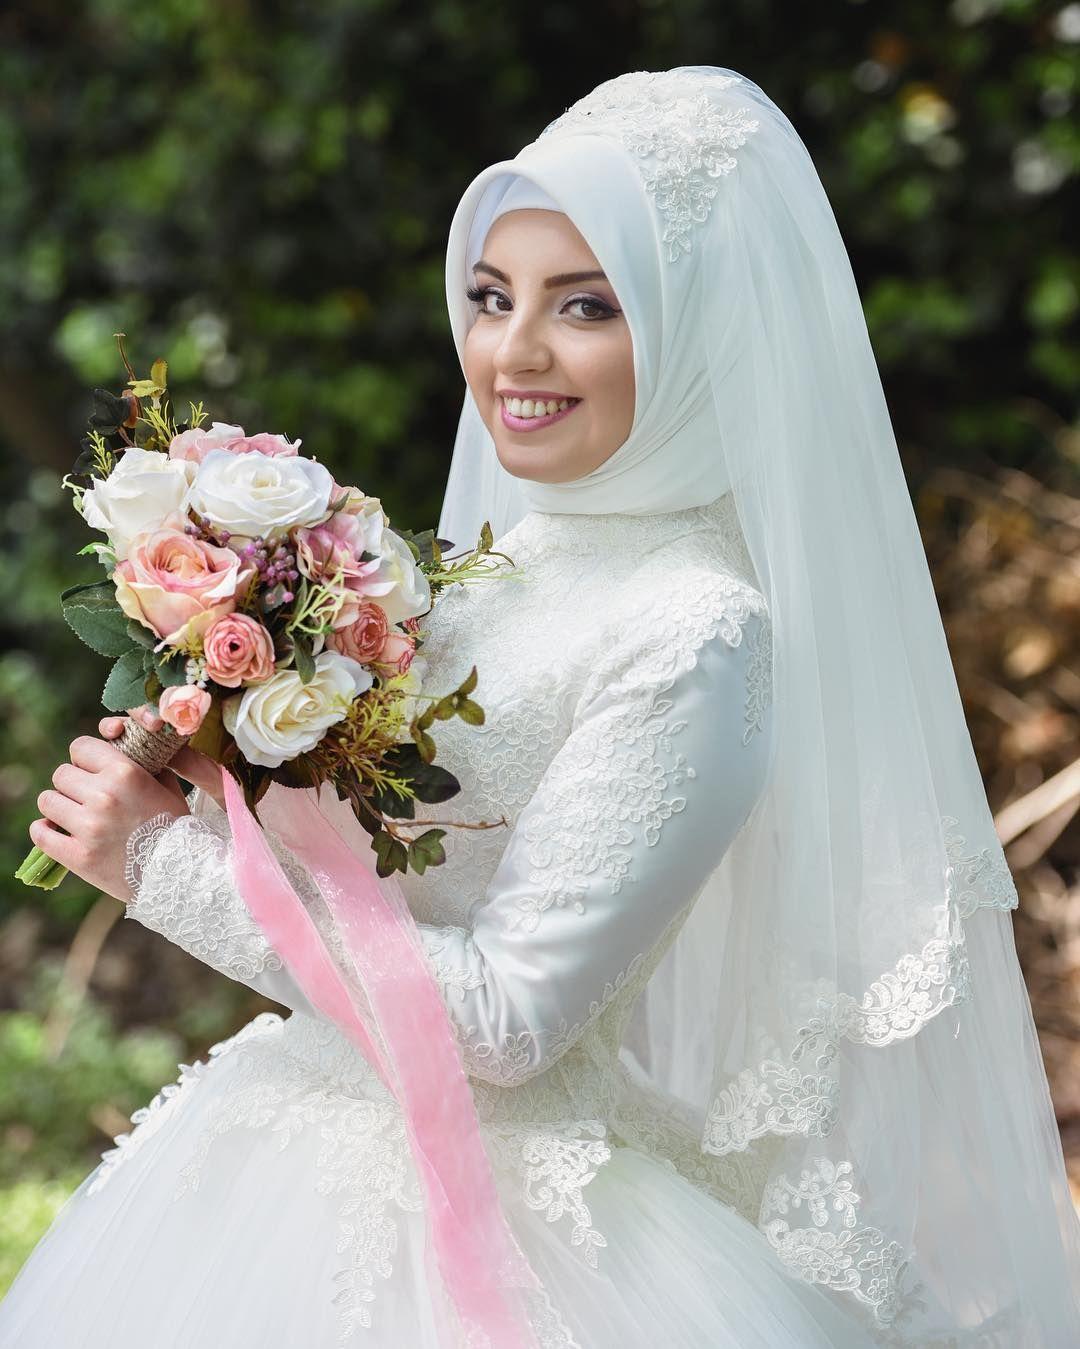 Картинки свадебные мусульманские, днем рождения летием